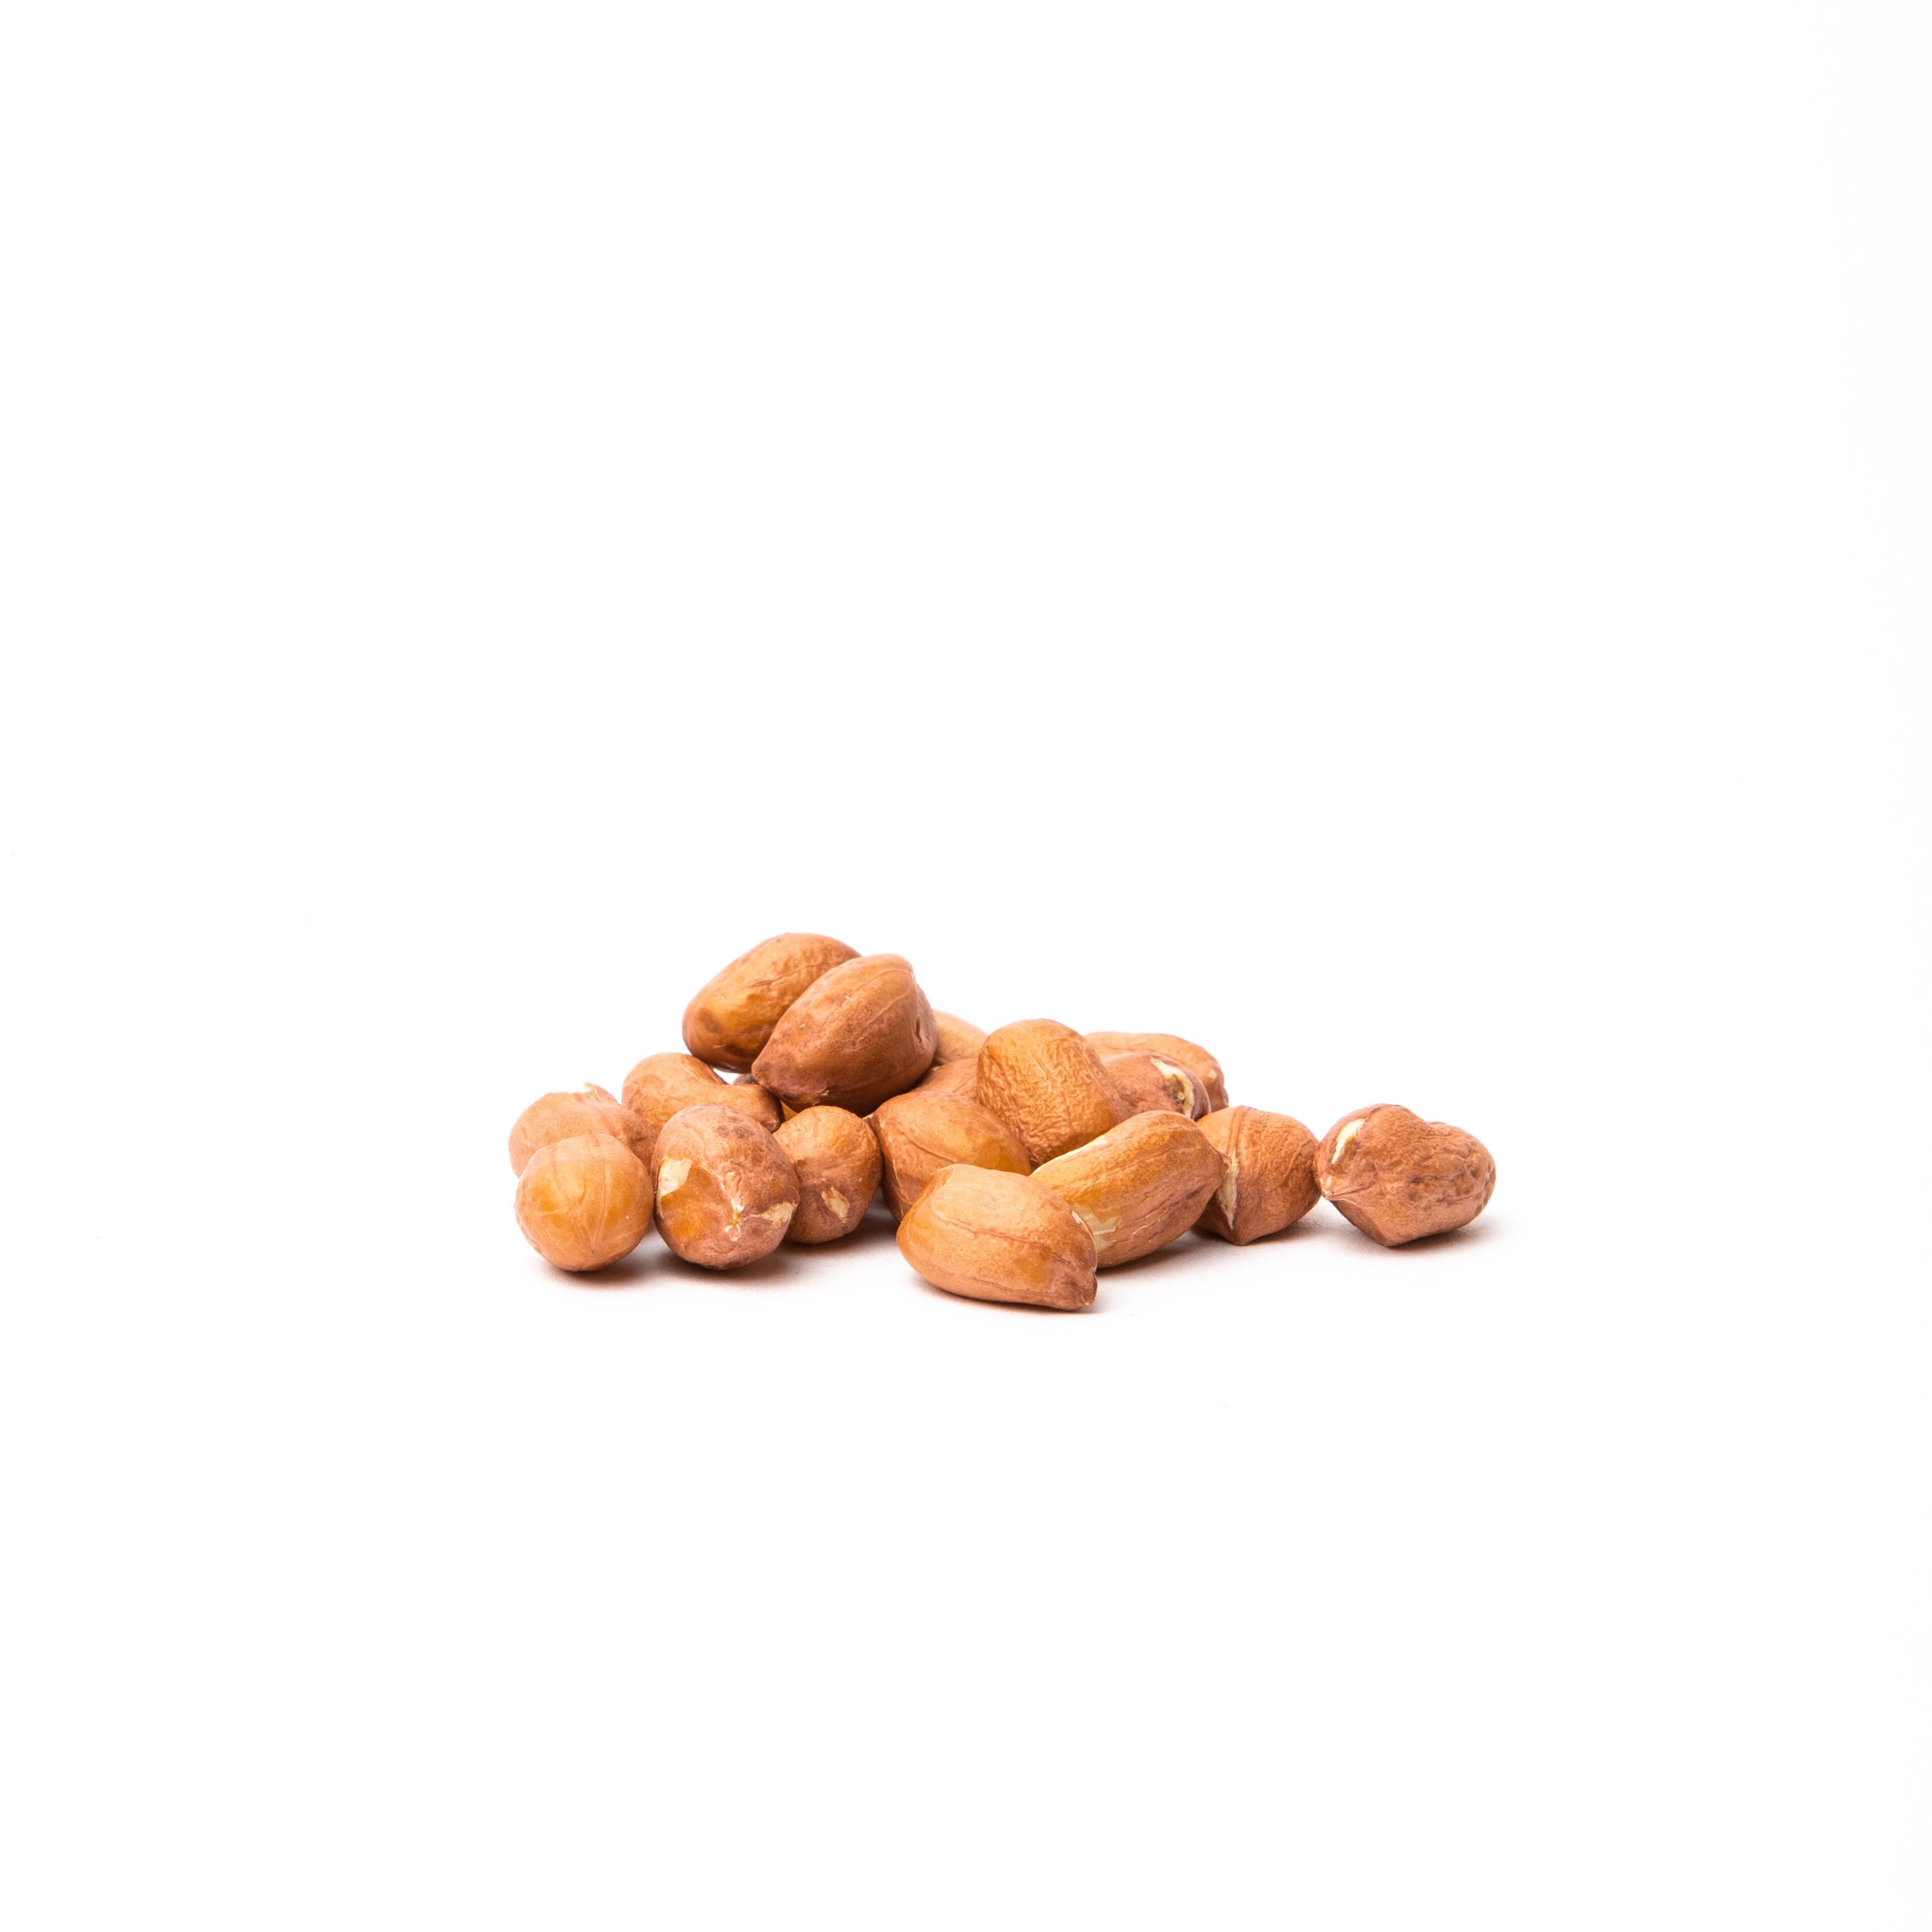 Peanuts: Whole Unroasted